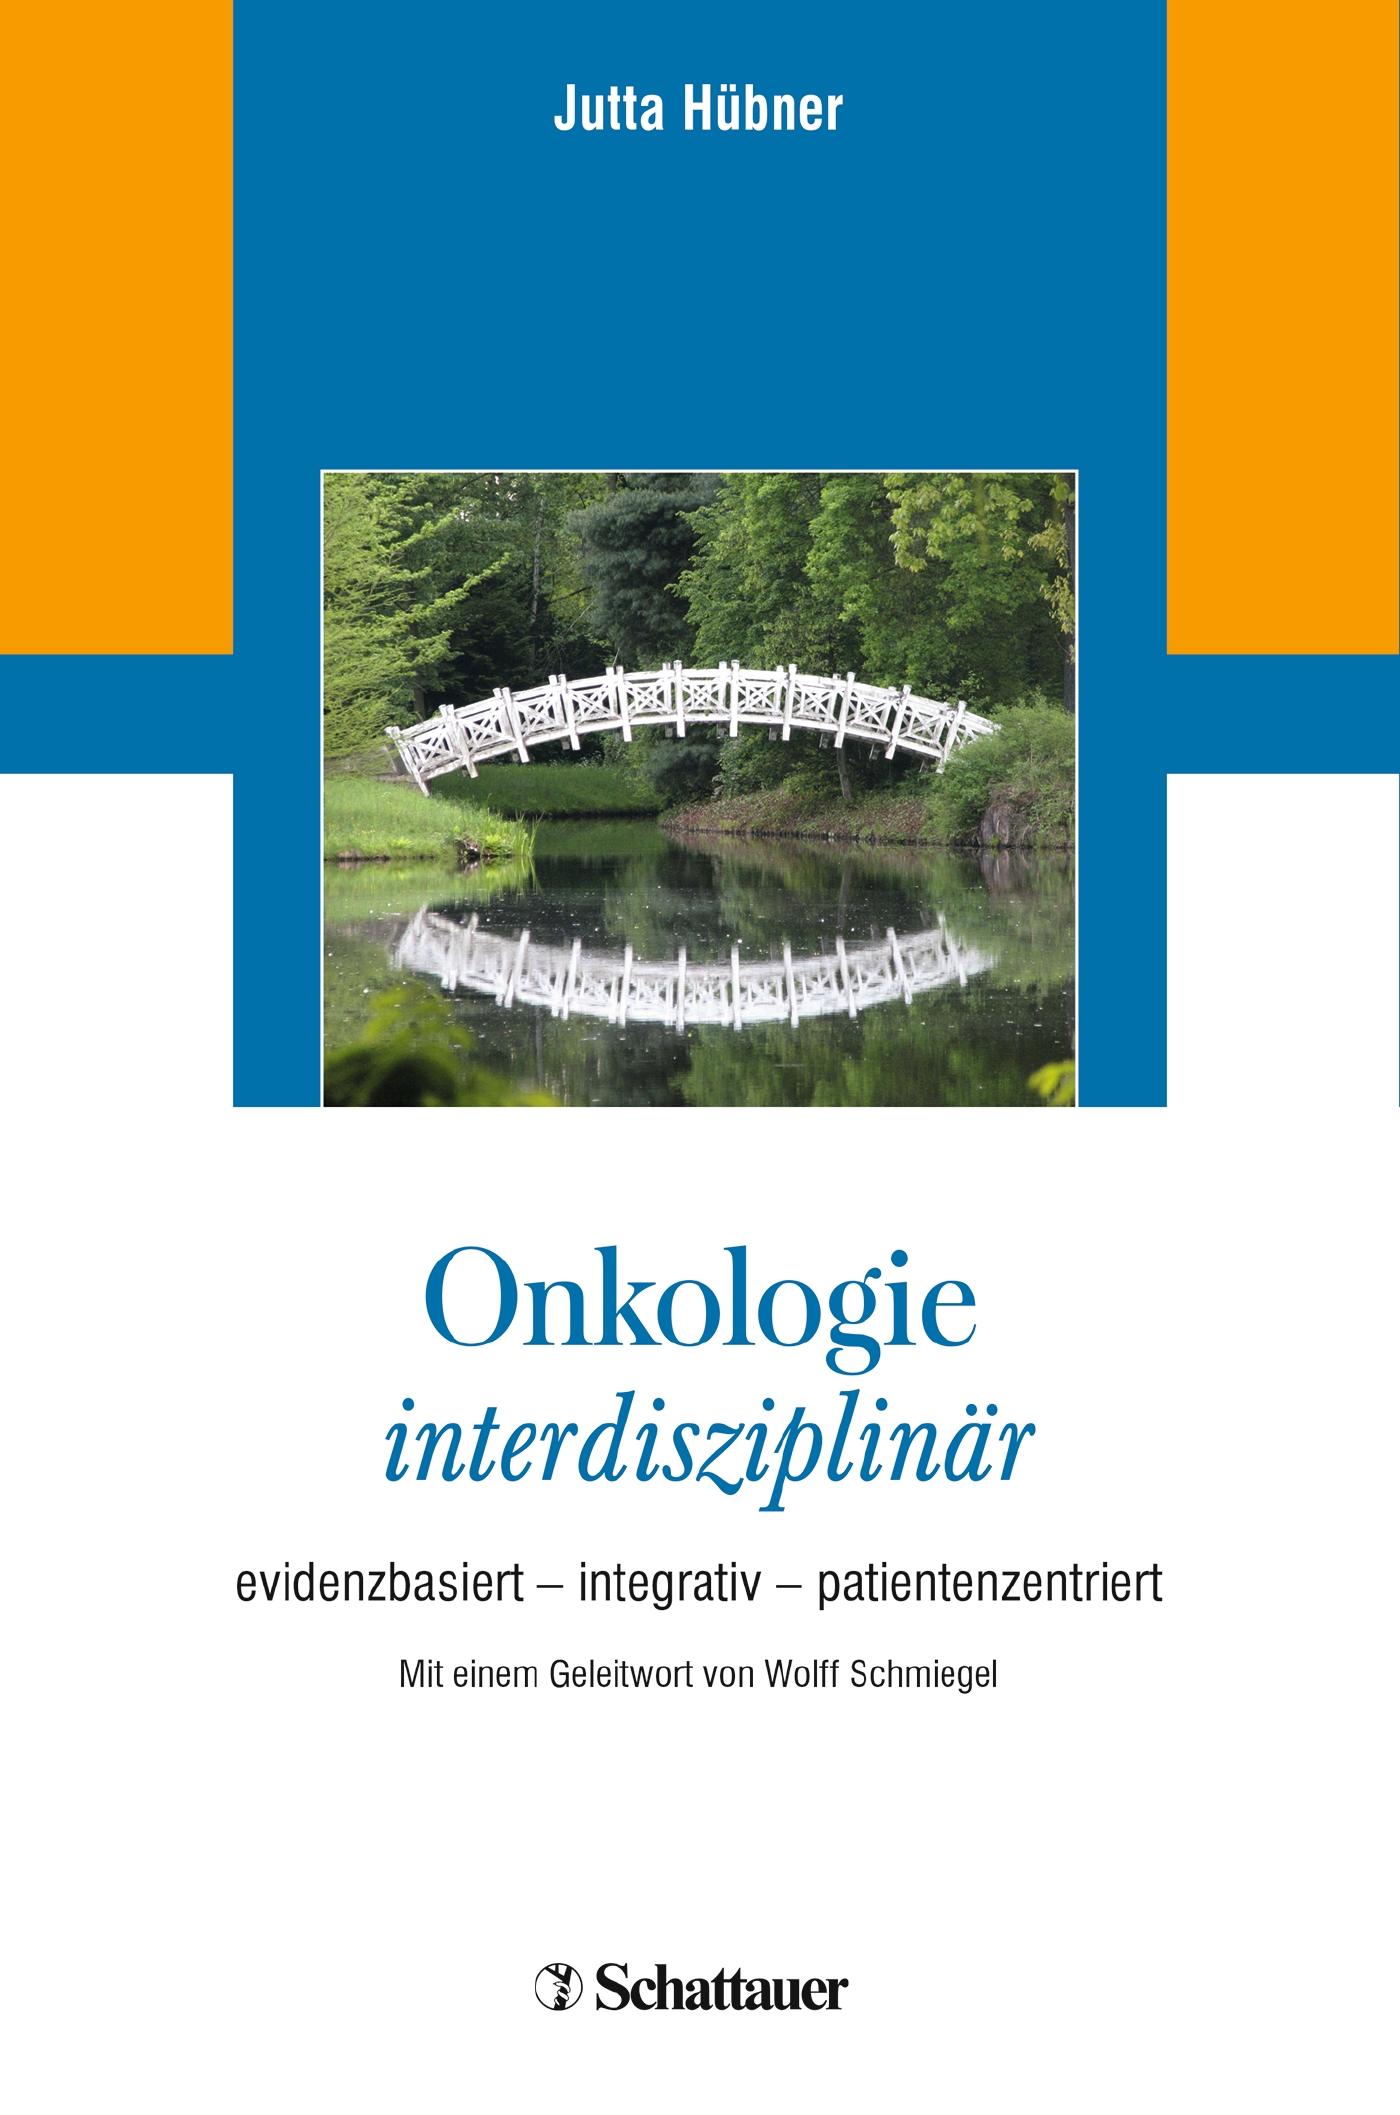 Onkologie interdisziplinär